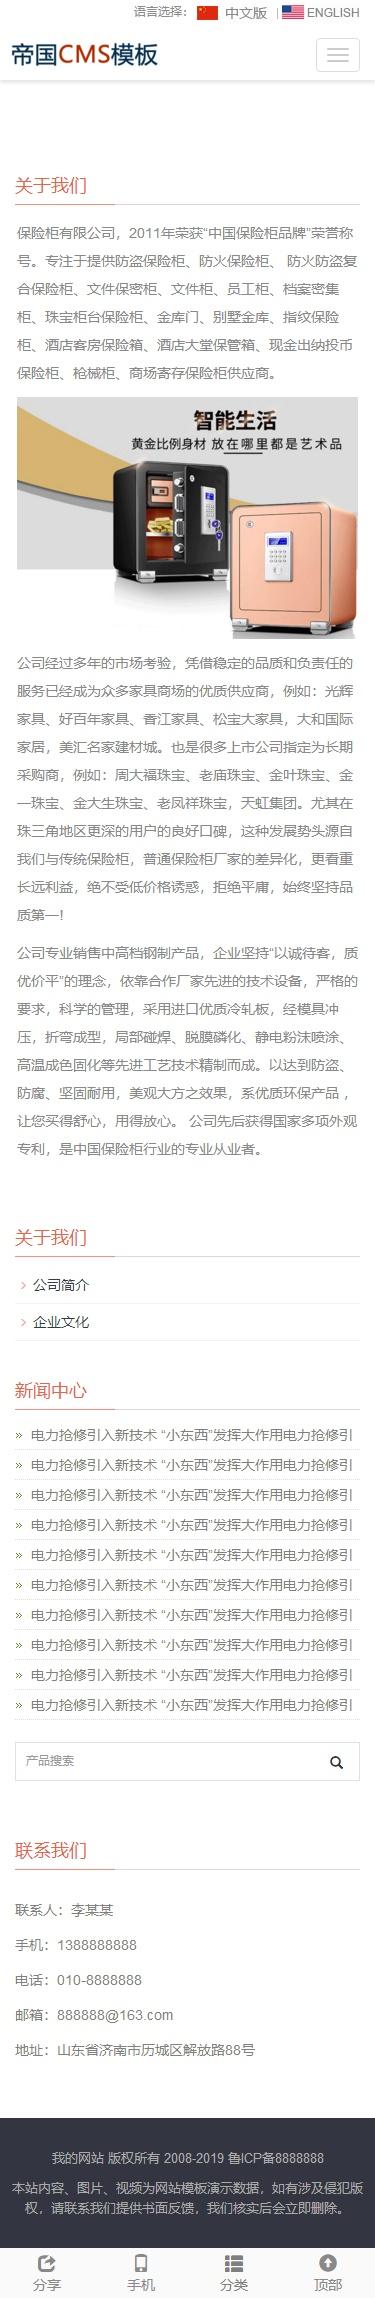 中英文双语自适应帝国cms企业网站模板外贸企业网站源码_手机版单页